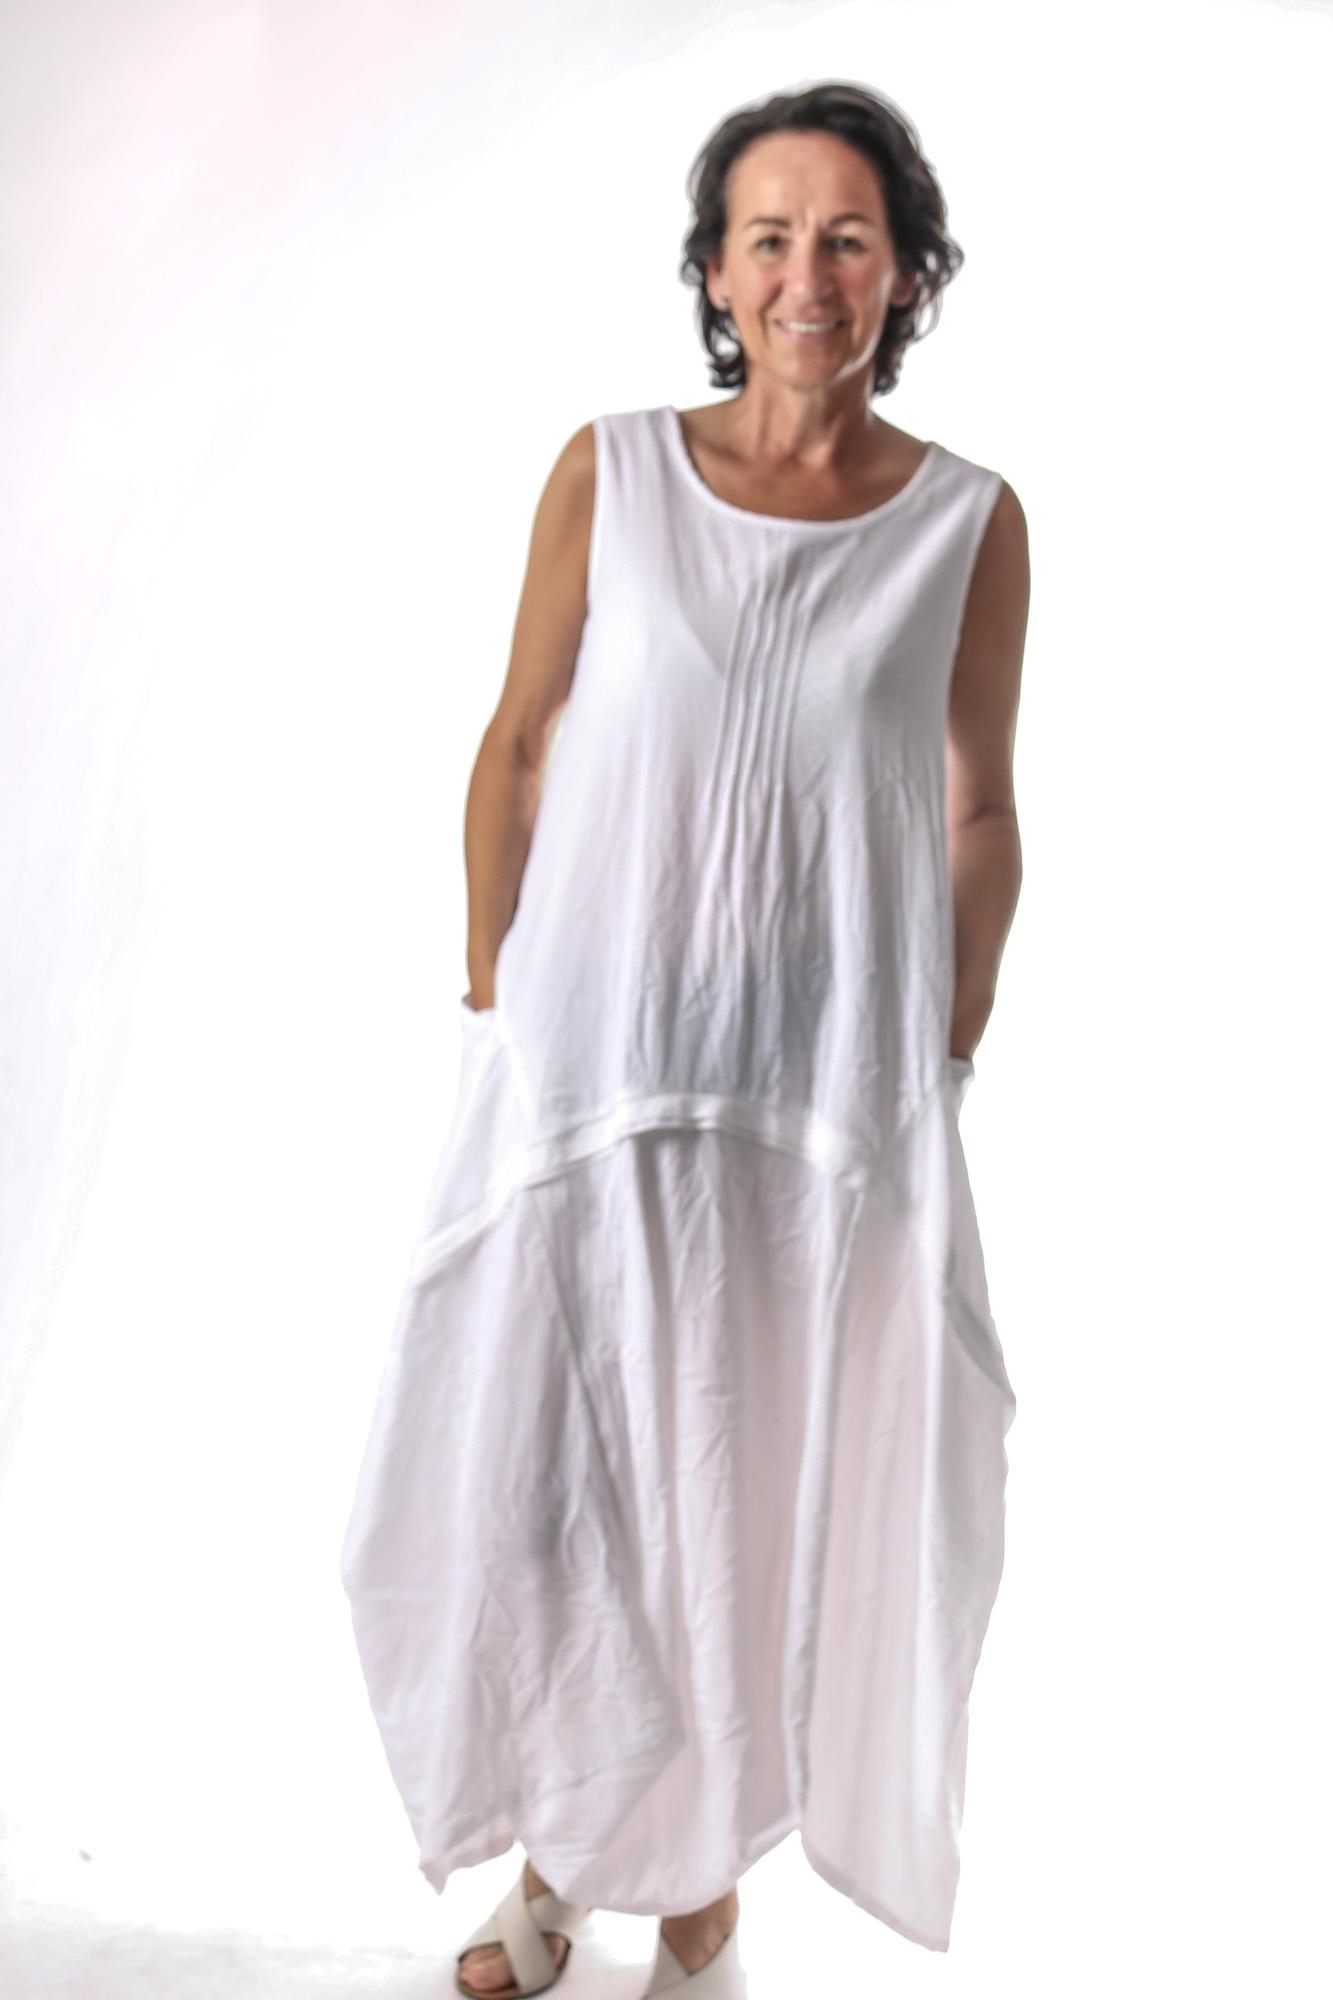 Kleid ohne Arm Gr. 44-46 weiß Crash ballonform   kleider ...